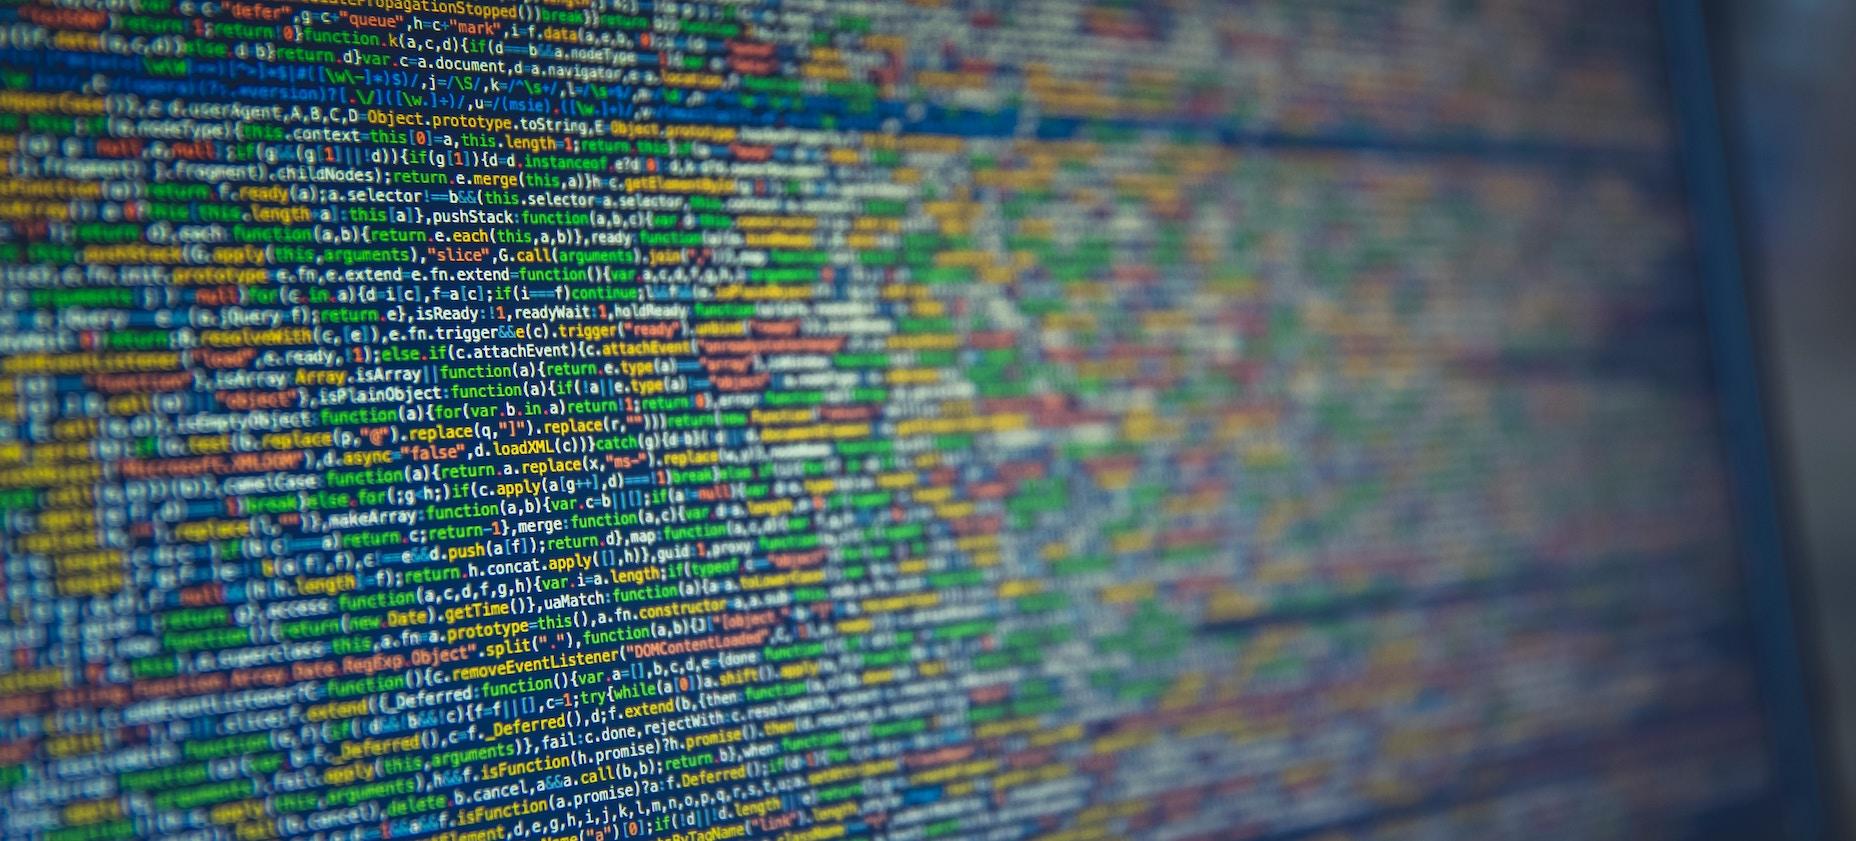 Virusschutz Programm verhindert Start unter Windows. Was tun?